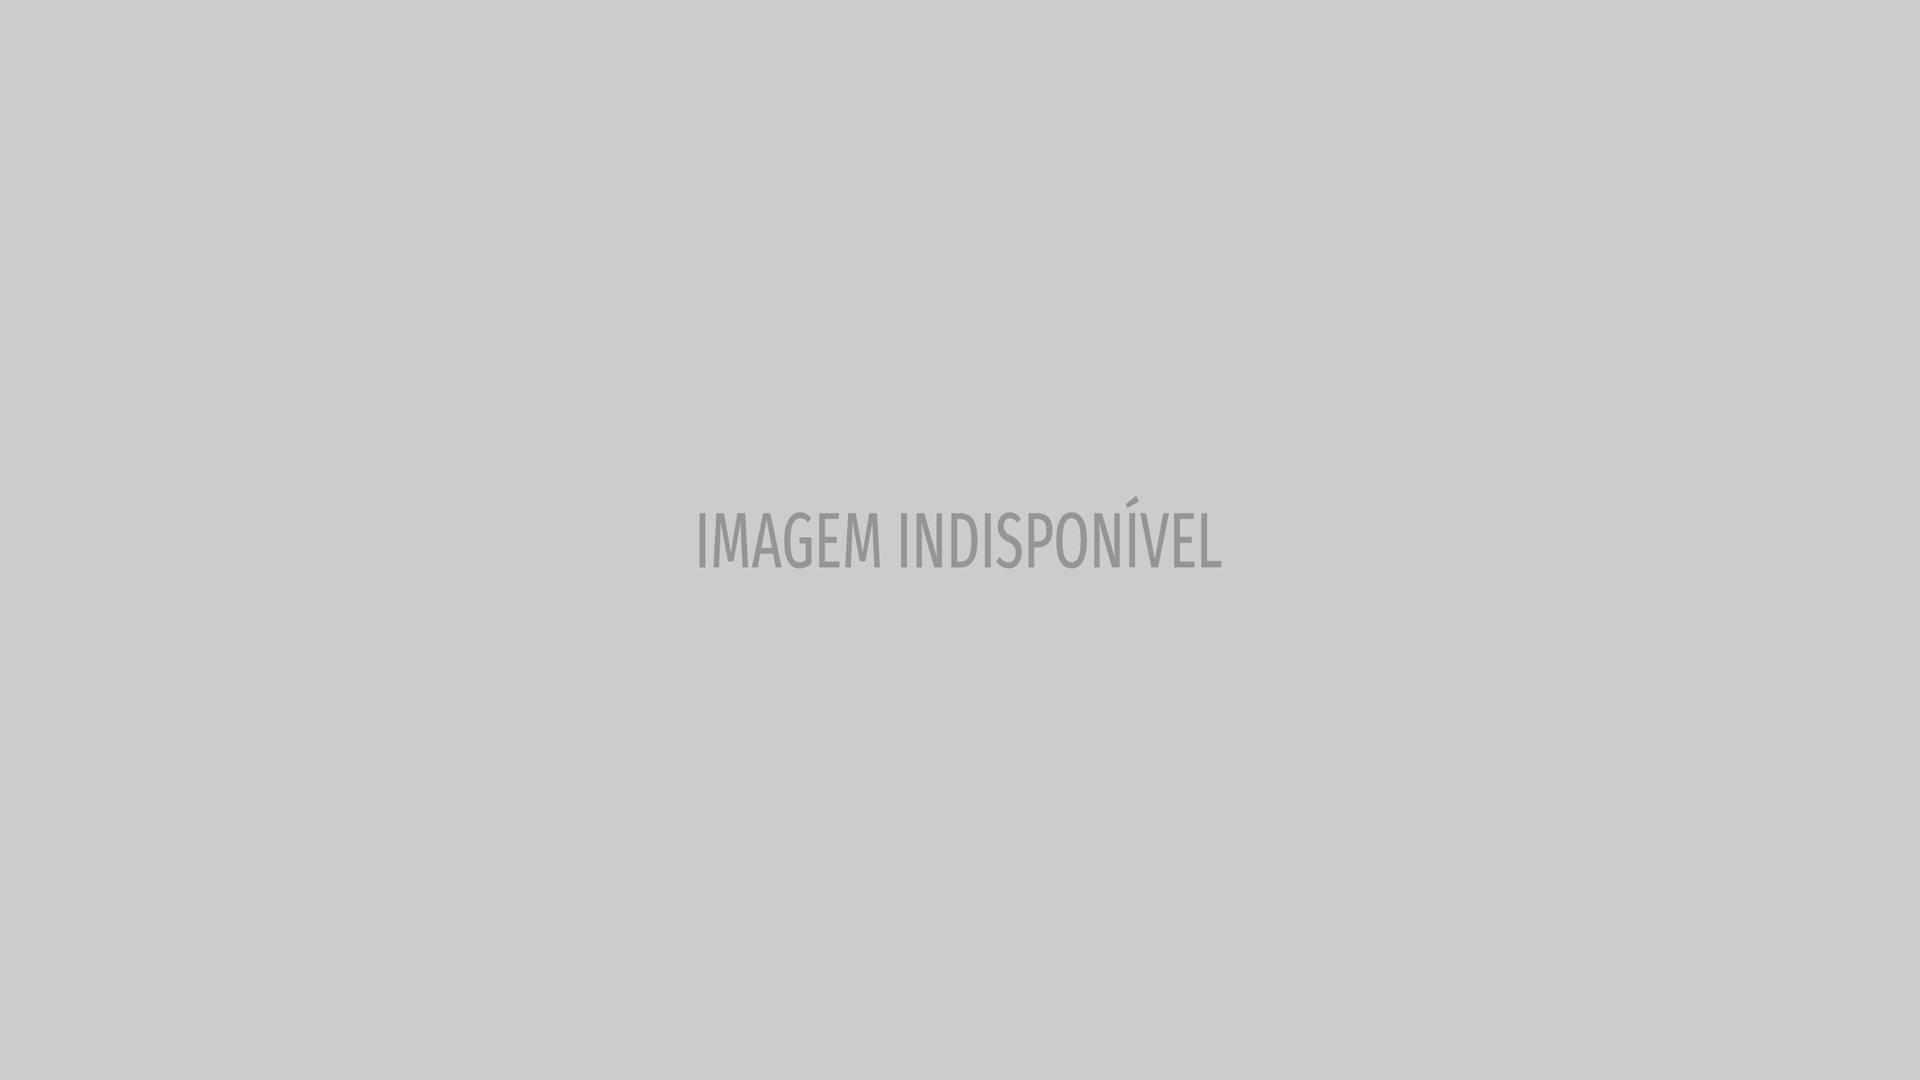 """Tiago Rufino expõe mensagens homofóbicas: """"Nojo. O mundo está do avesso"""""""